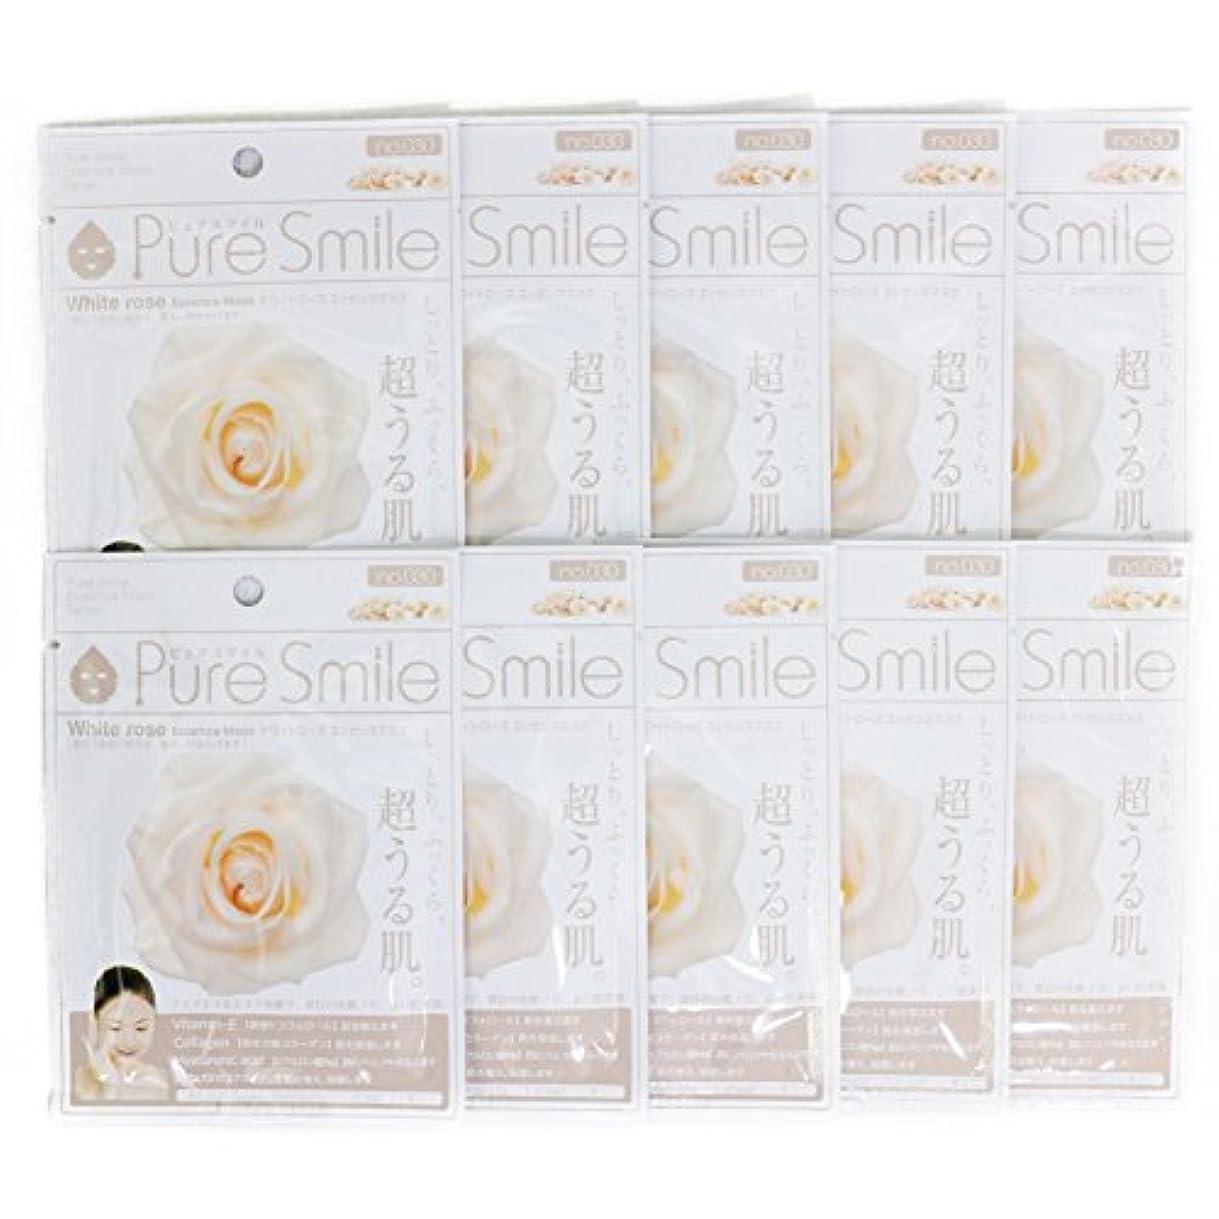 凶暴な鼻講堂Pure Smile ピュアスマイル エッセンスマスク ホワイトローズ 10枚セット